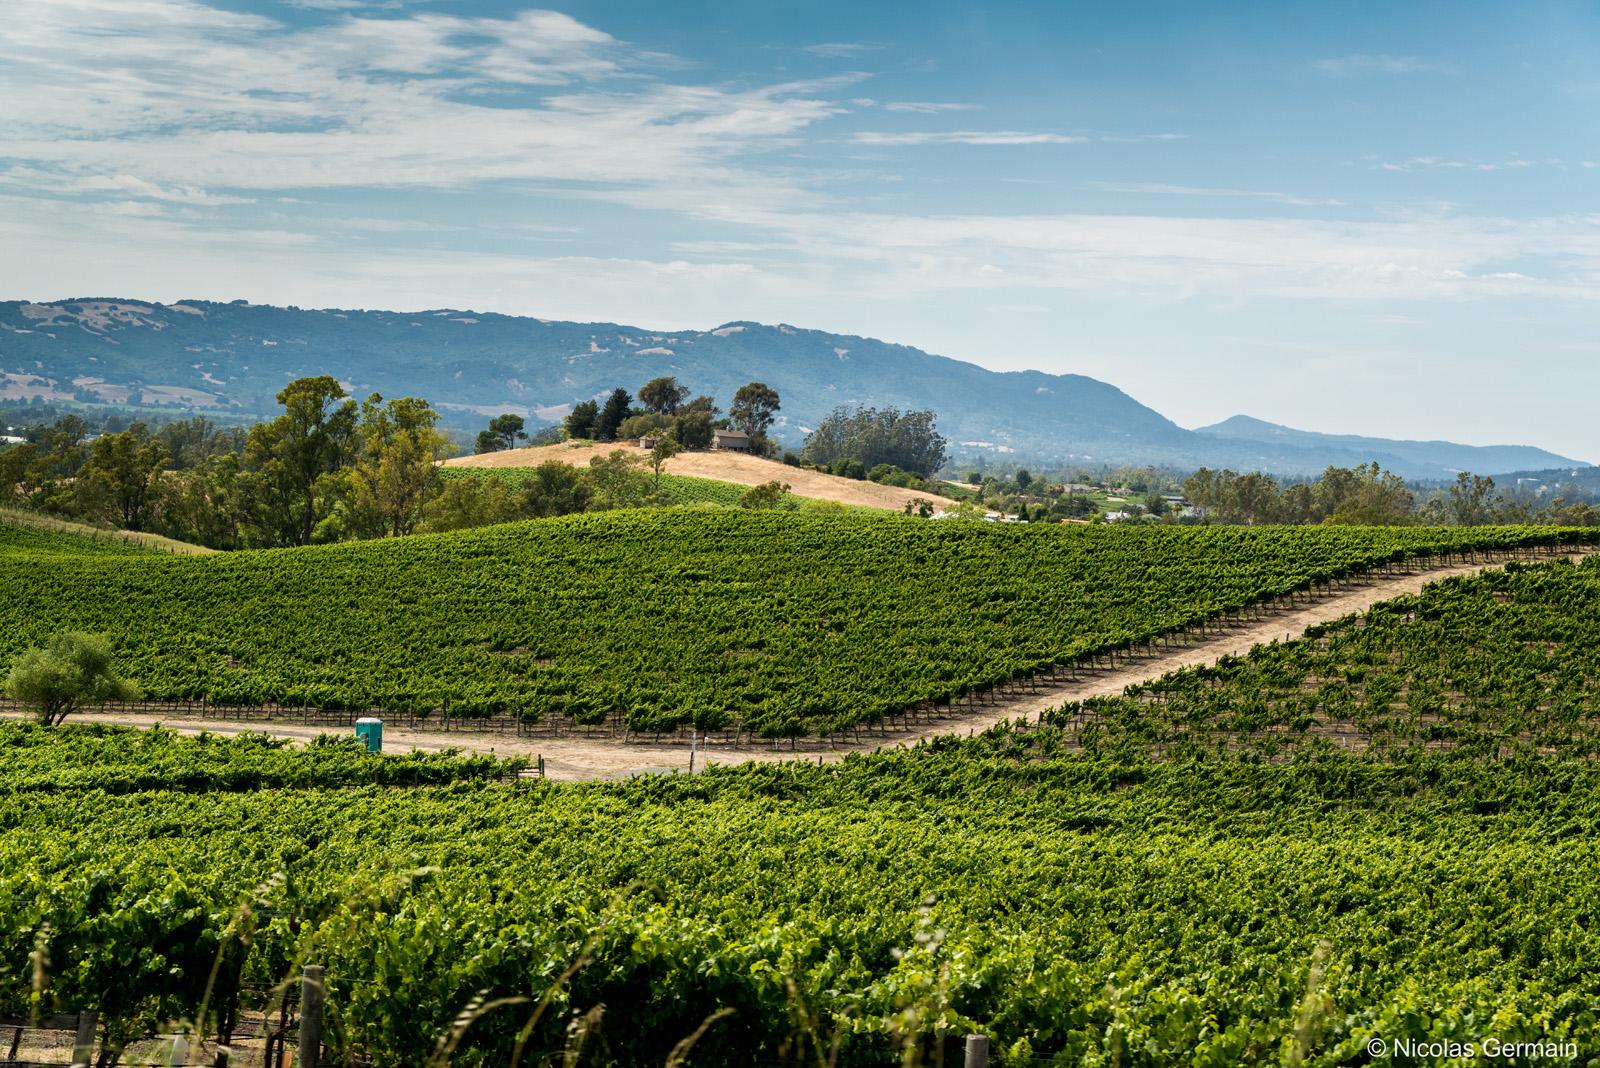 Vignes entre la Sonoma Valley et la Napa Valley, Californie